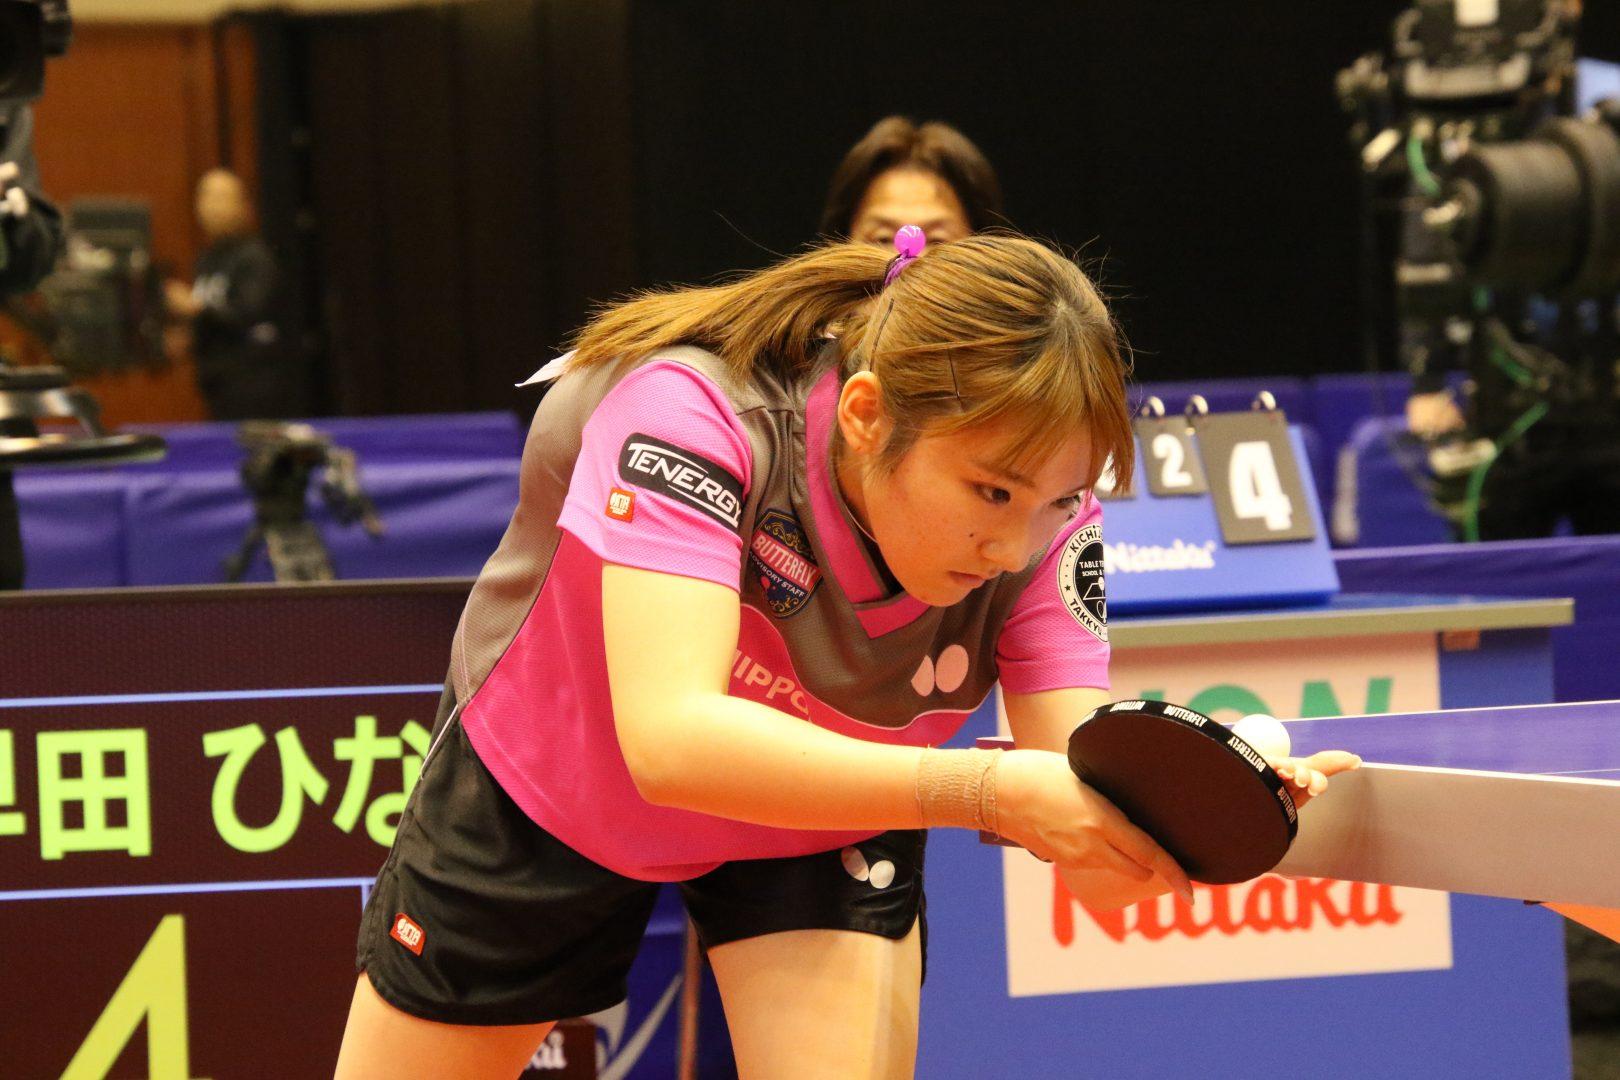 【卓球・トップ12】加藤美優が早田ひなに大逆転で決勝進出 世界卓球代表内定まであと1勝